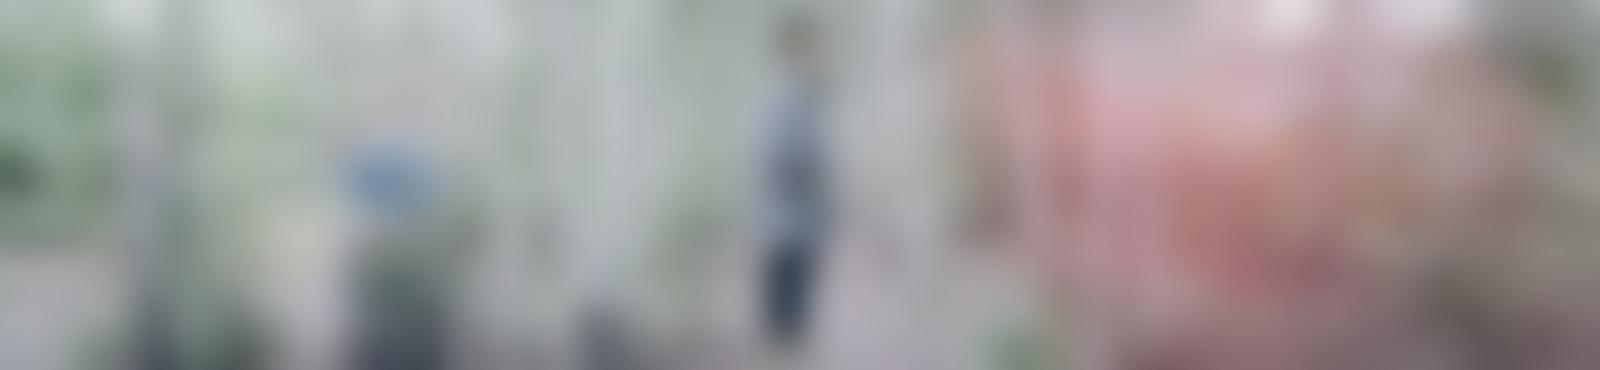 Blurred d0c91942 60d5 46fb b2eb f5a481728381